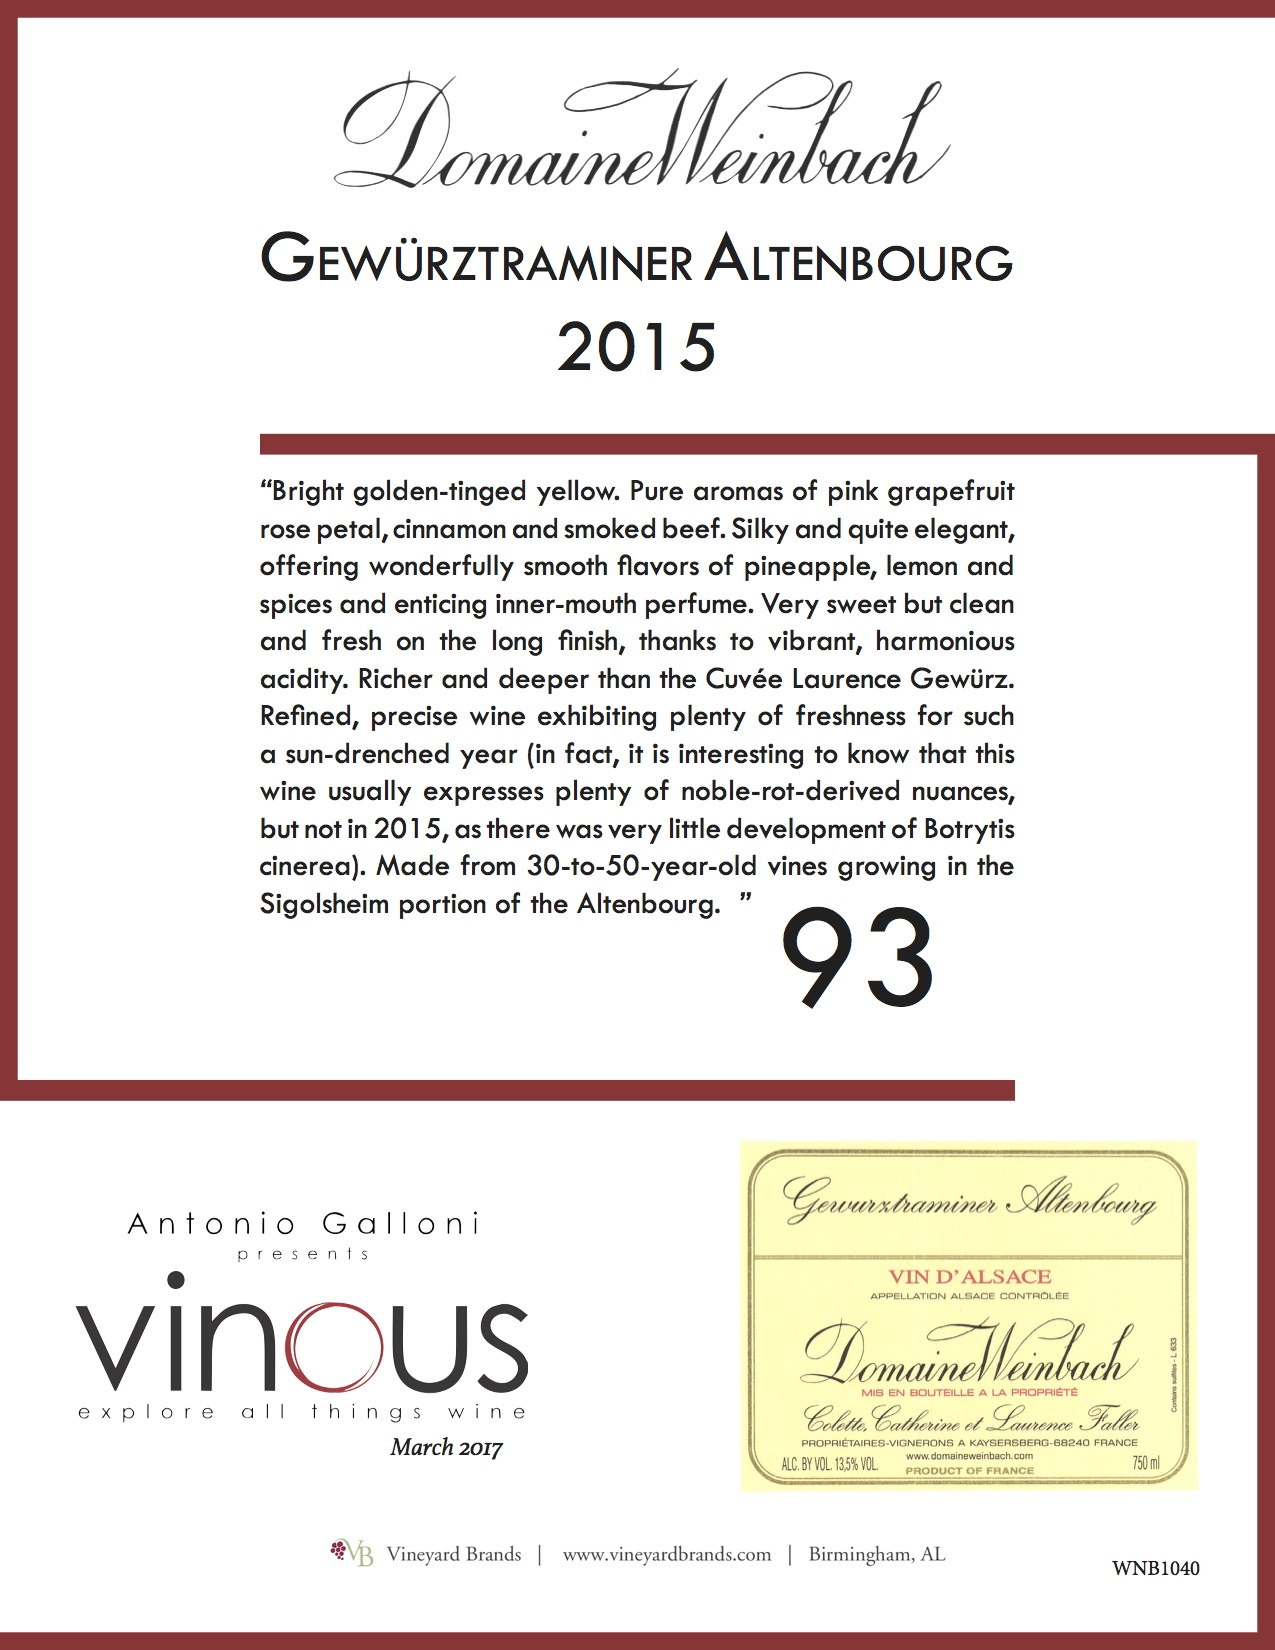 Weinbach Gewurztraminer Altenbourg.jpg